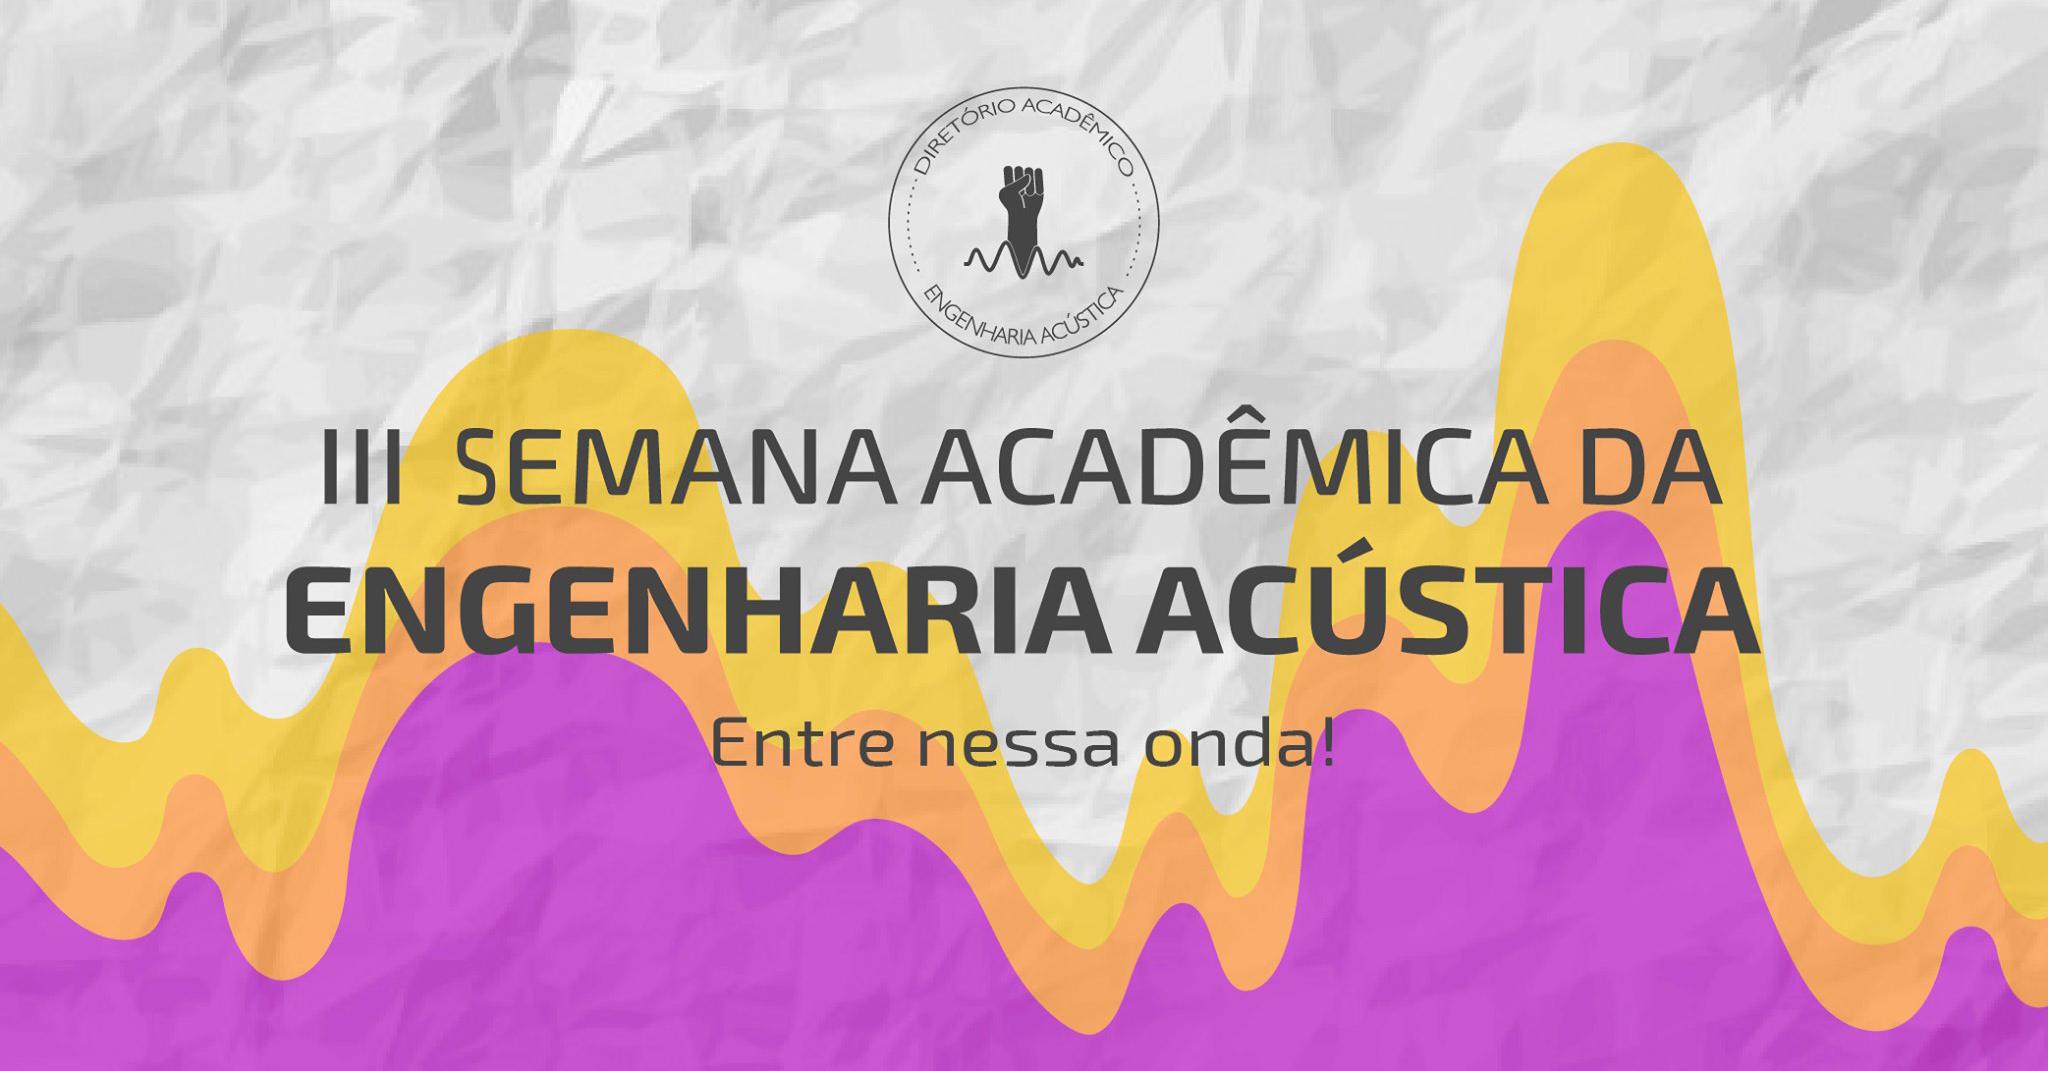 III Semana Acadêmica Da Engenharia Acústica